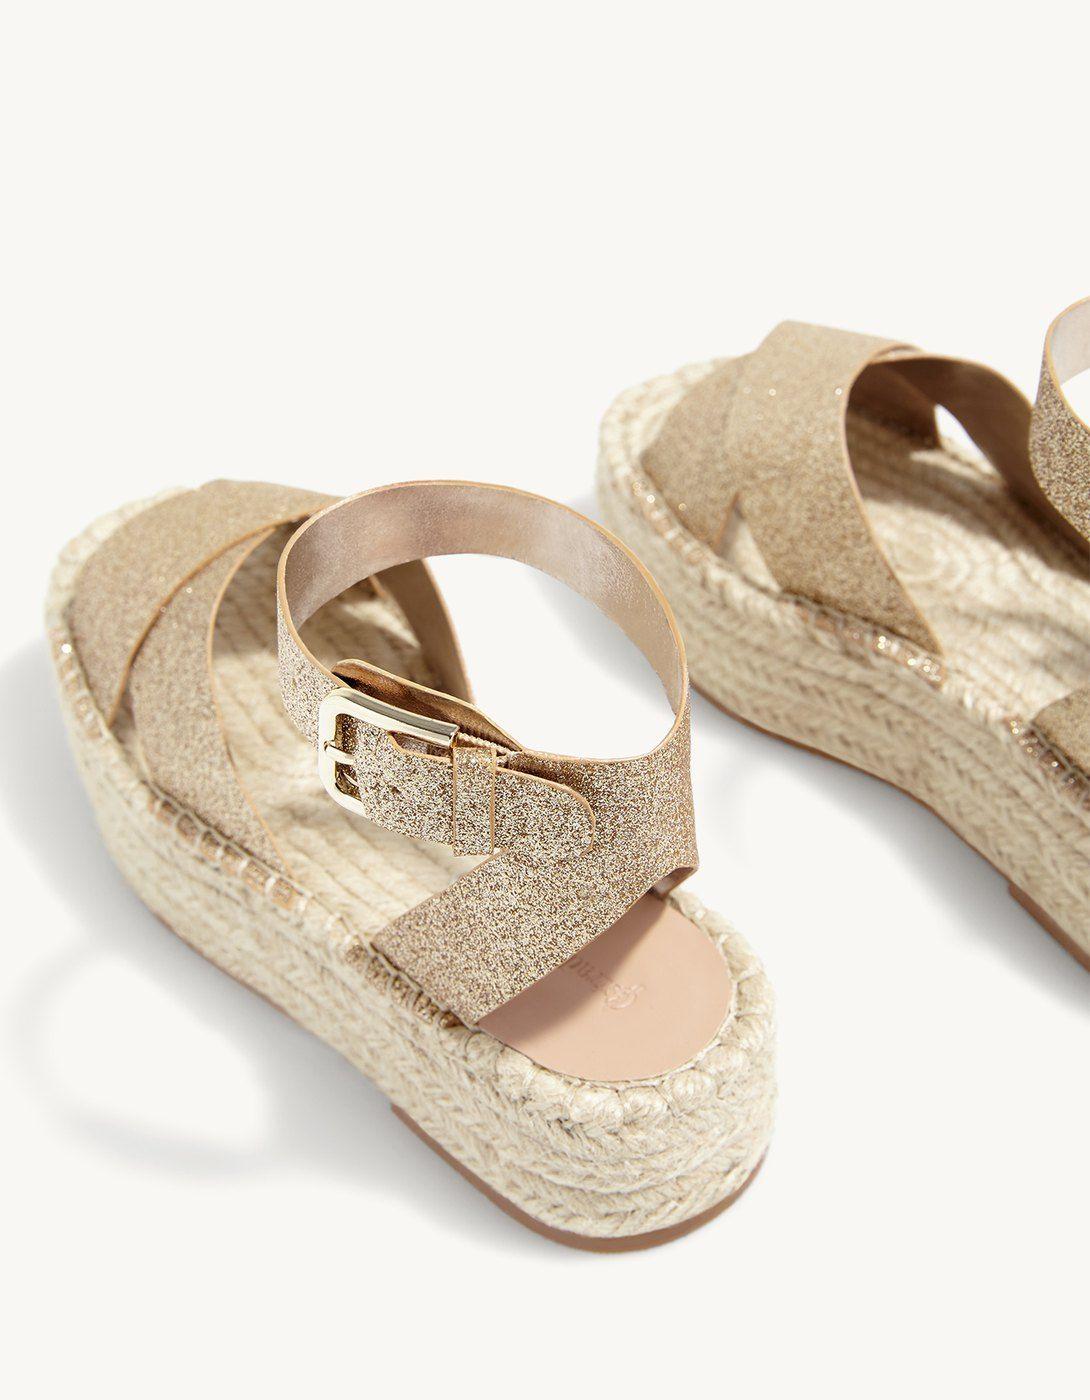 8f0f7c4d698 Glitter flatform sandals - Just in